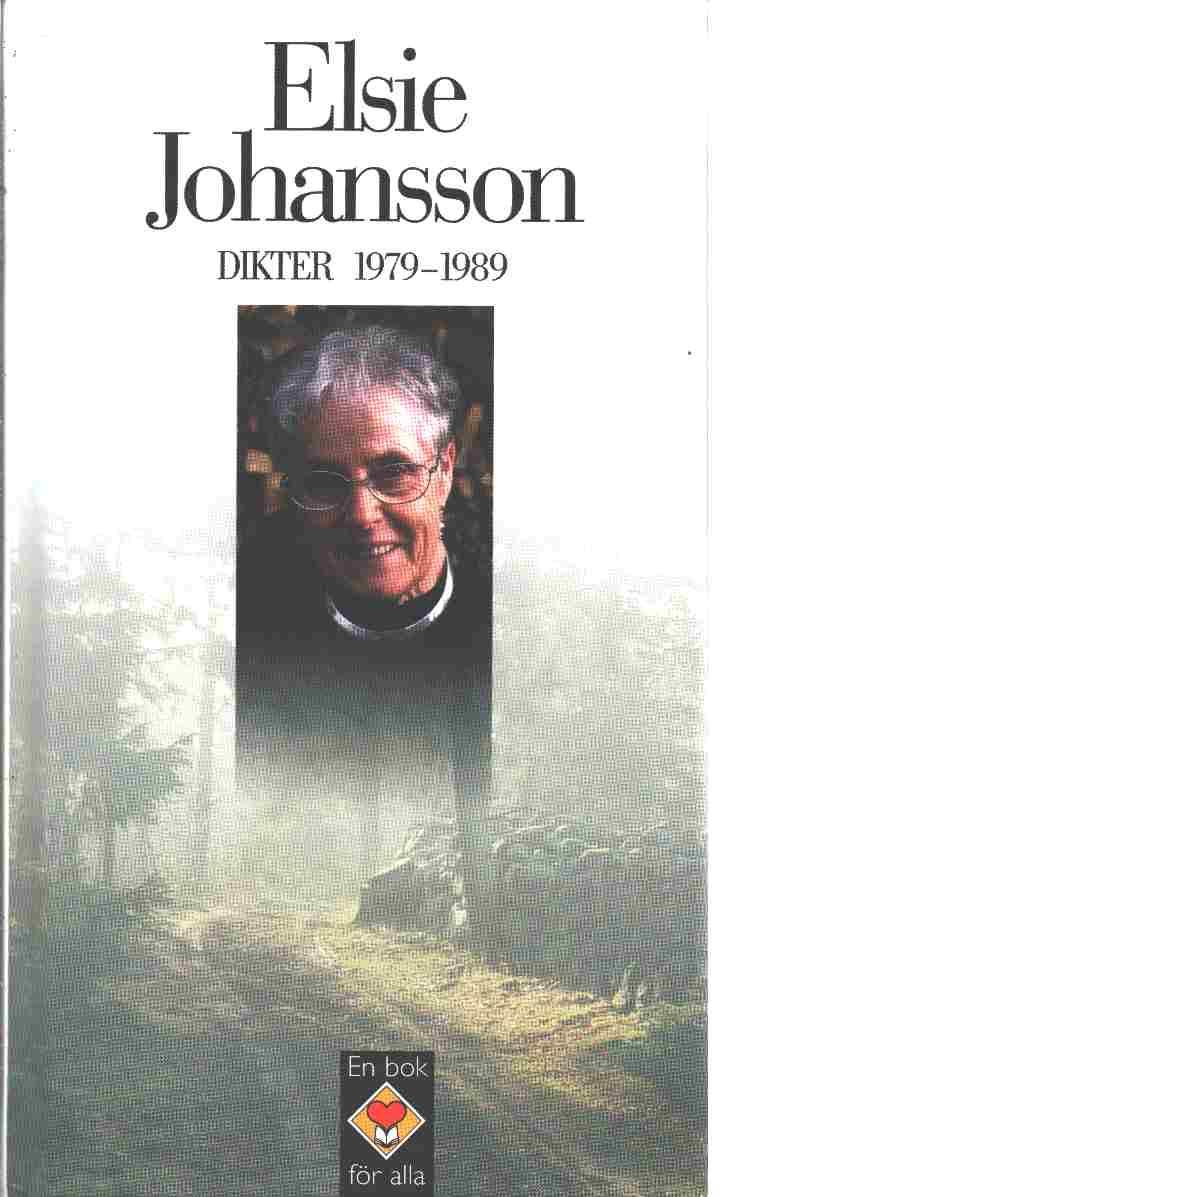 Dikter 1979-1989 - Johansson, Elsie